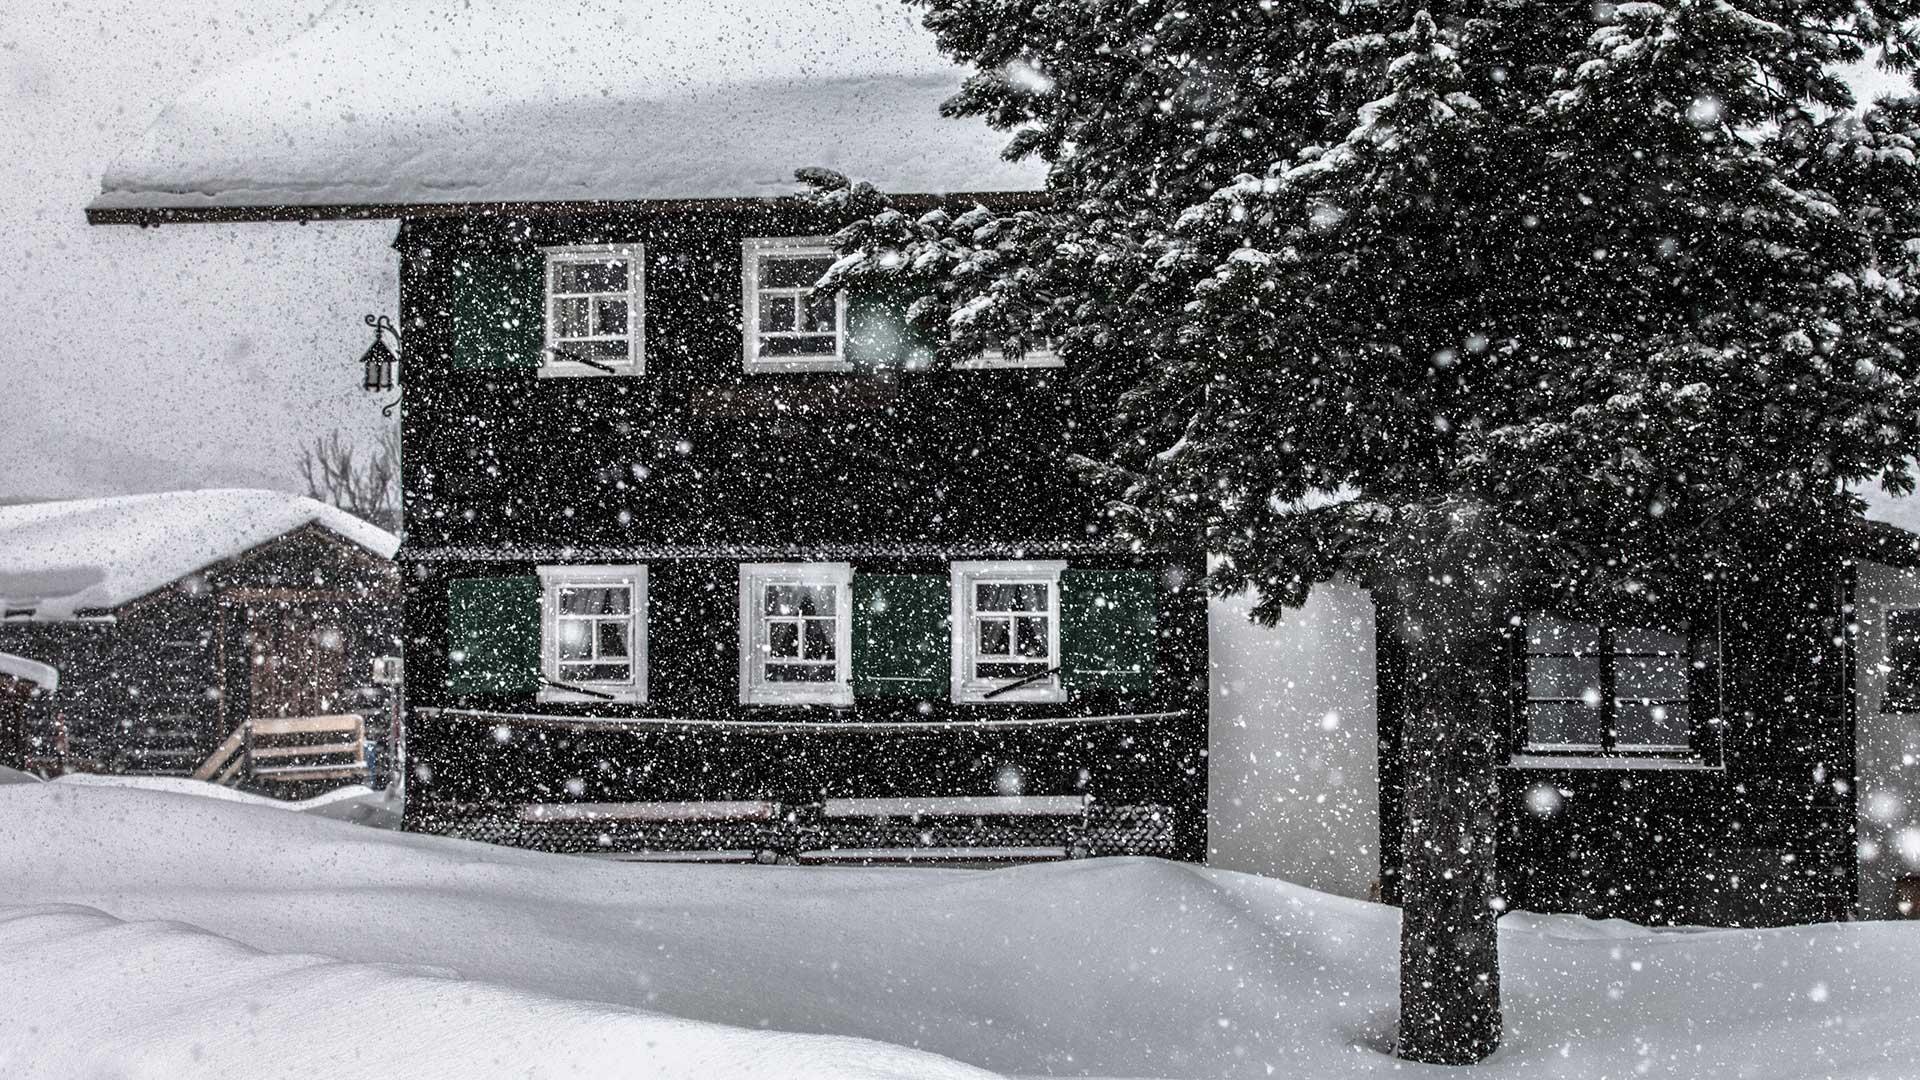 snowing2-(1-of-1).jpg